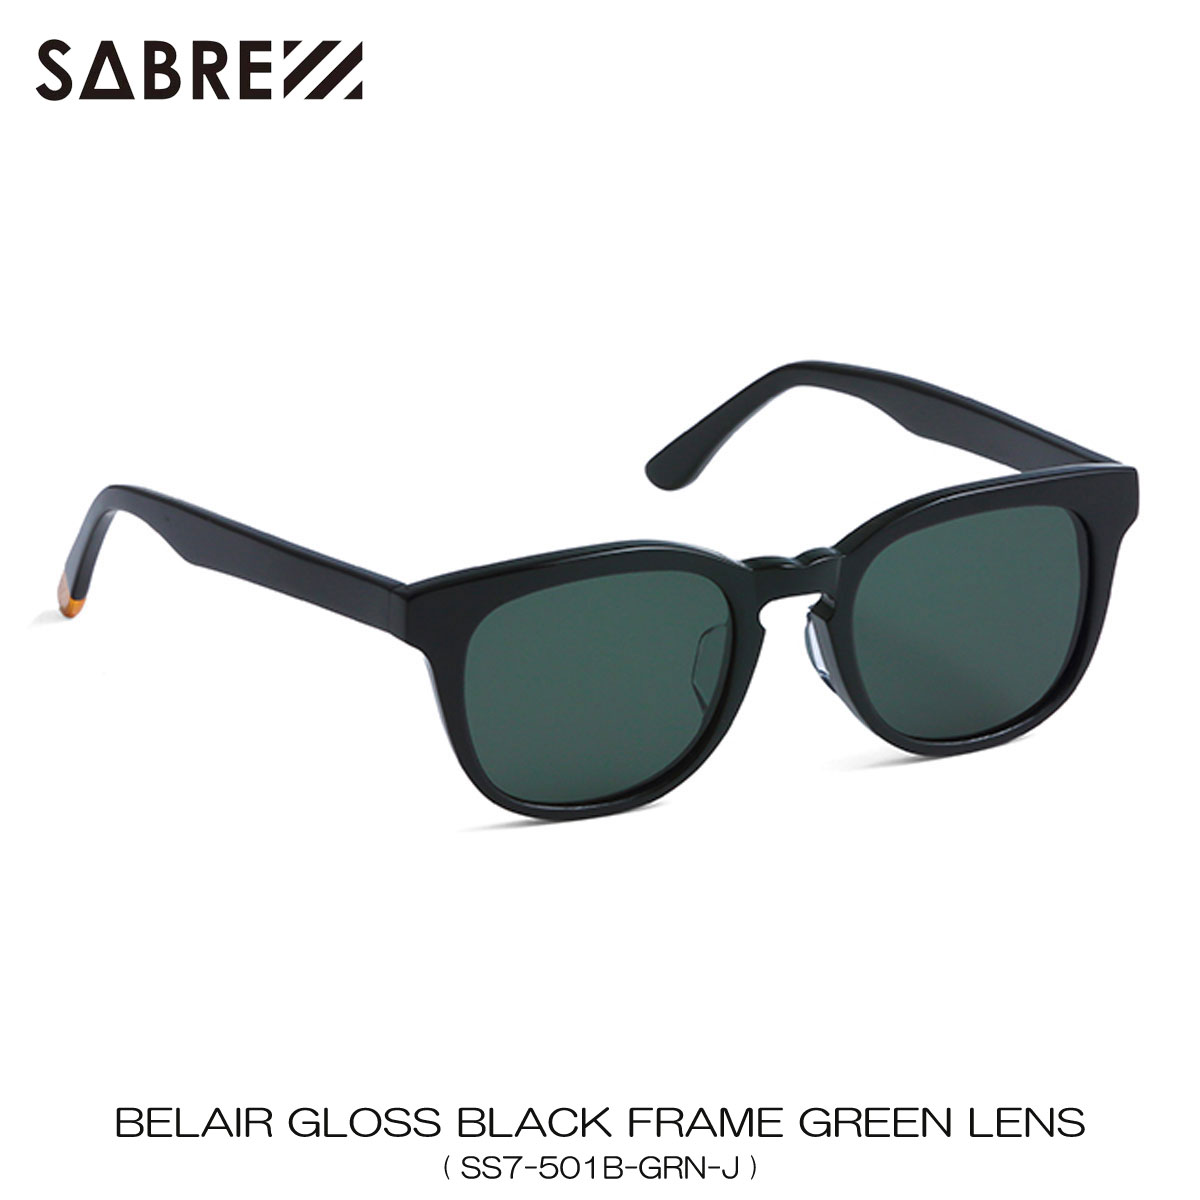 セイバー SABRE 正規販売店 サングラス めがね BELAIR GLOSS BLACK FRAME GREEN LENS SUNGLASS SS7-501B-GRN-J A55B B3C C3D D1E E13F